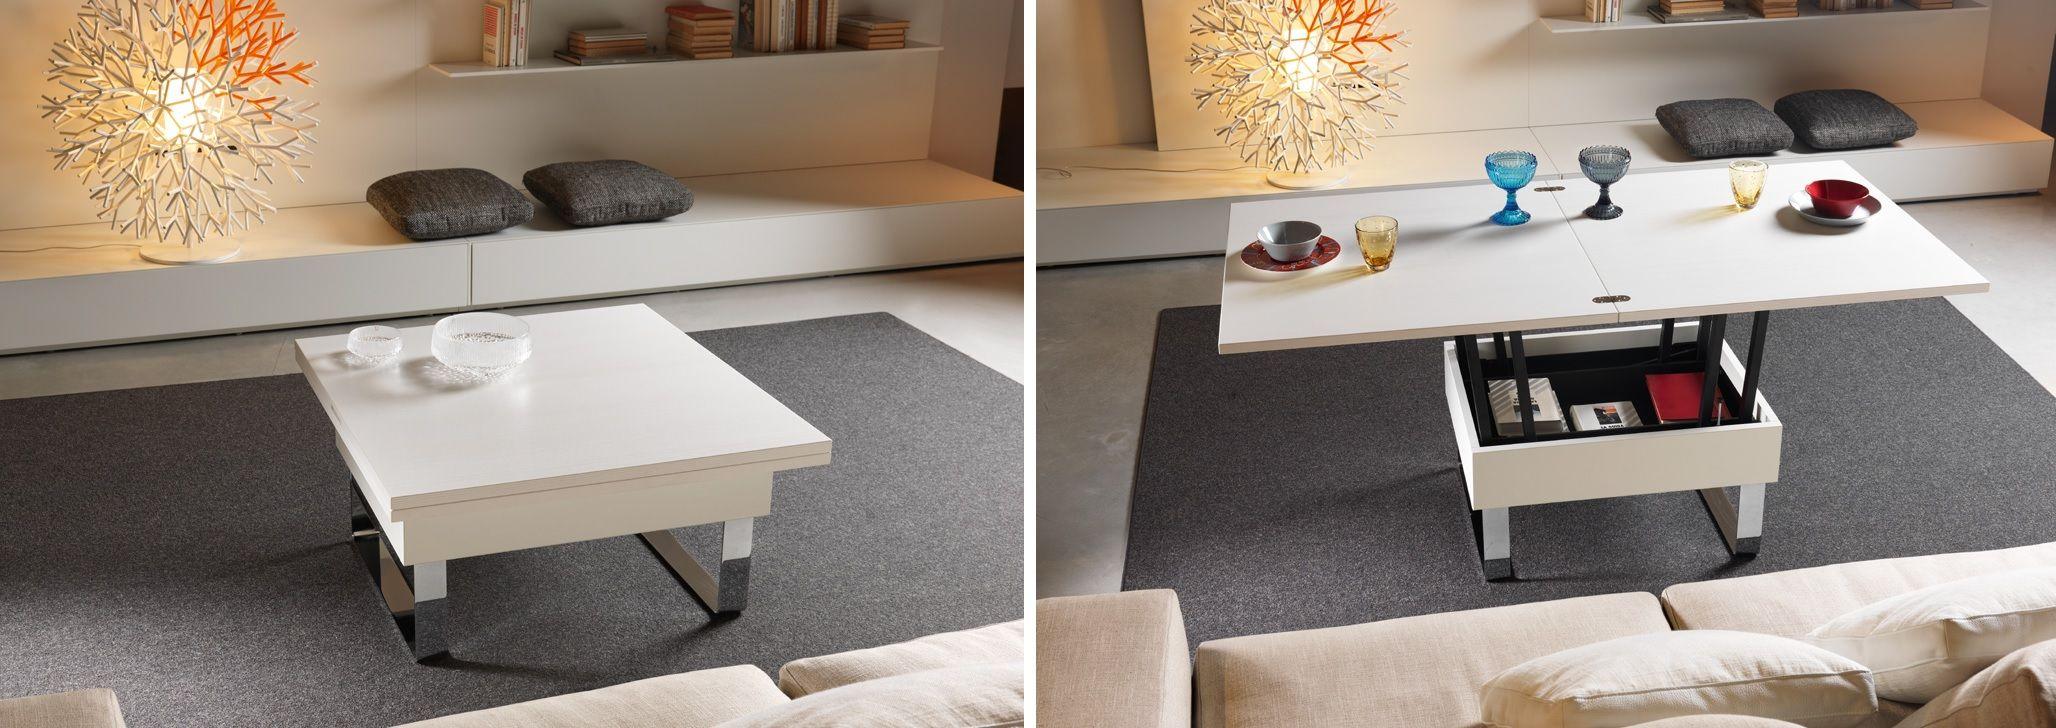 Журнальные столики-трансформеры - гибридная мебель, которая выполняет множество функций